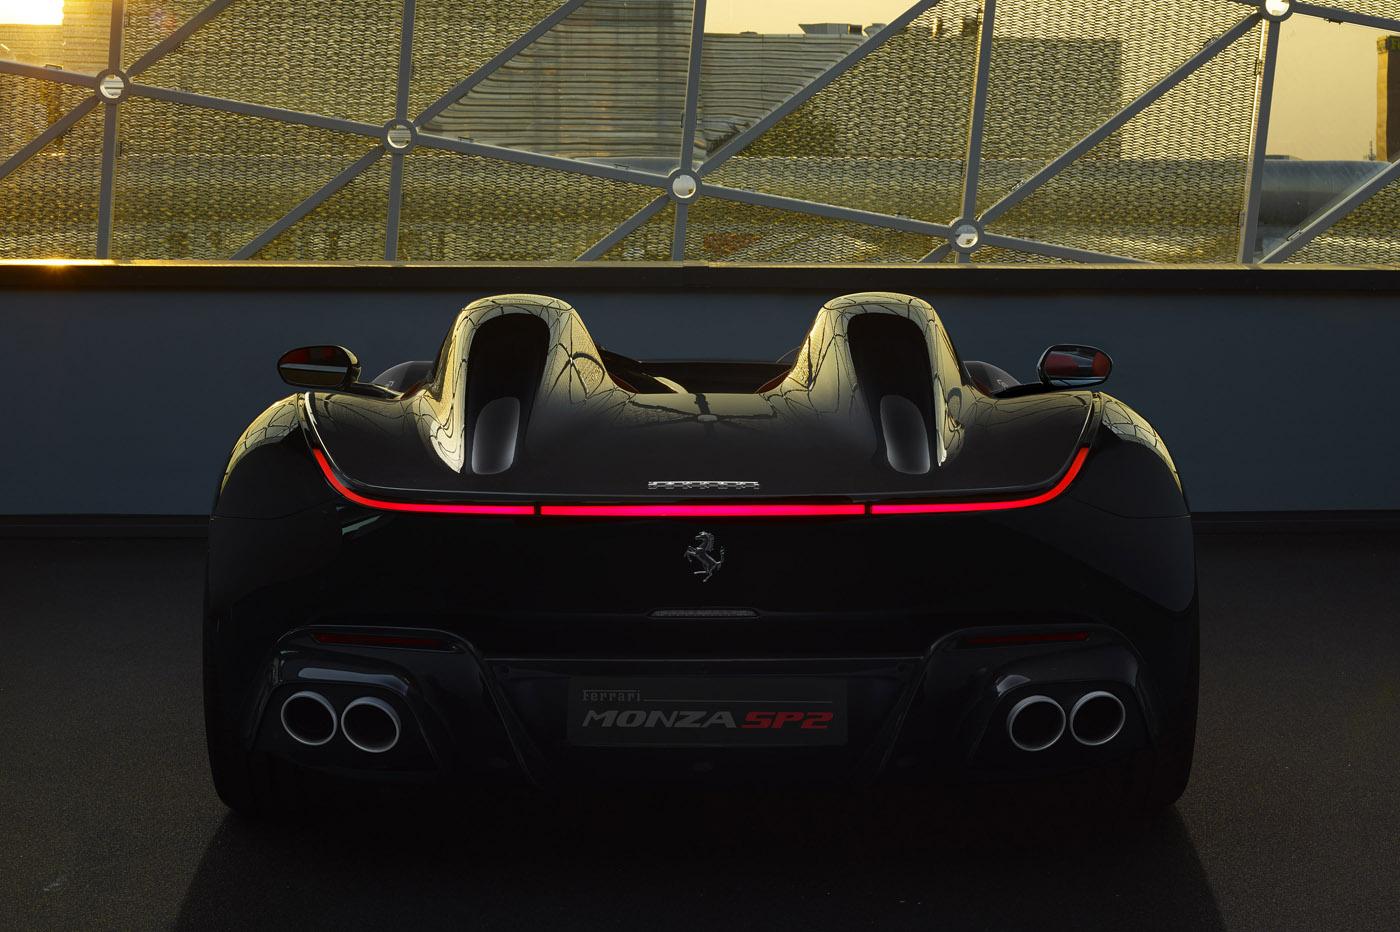 Ferrari Monza SP2 - premiera